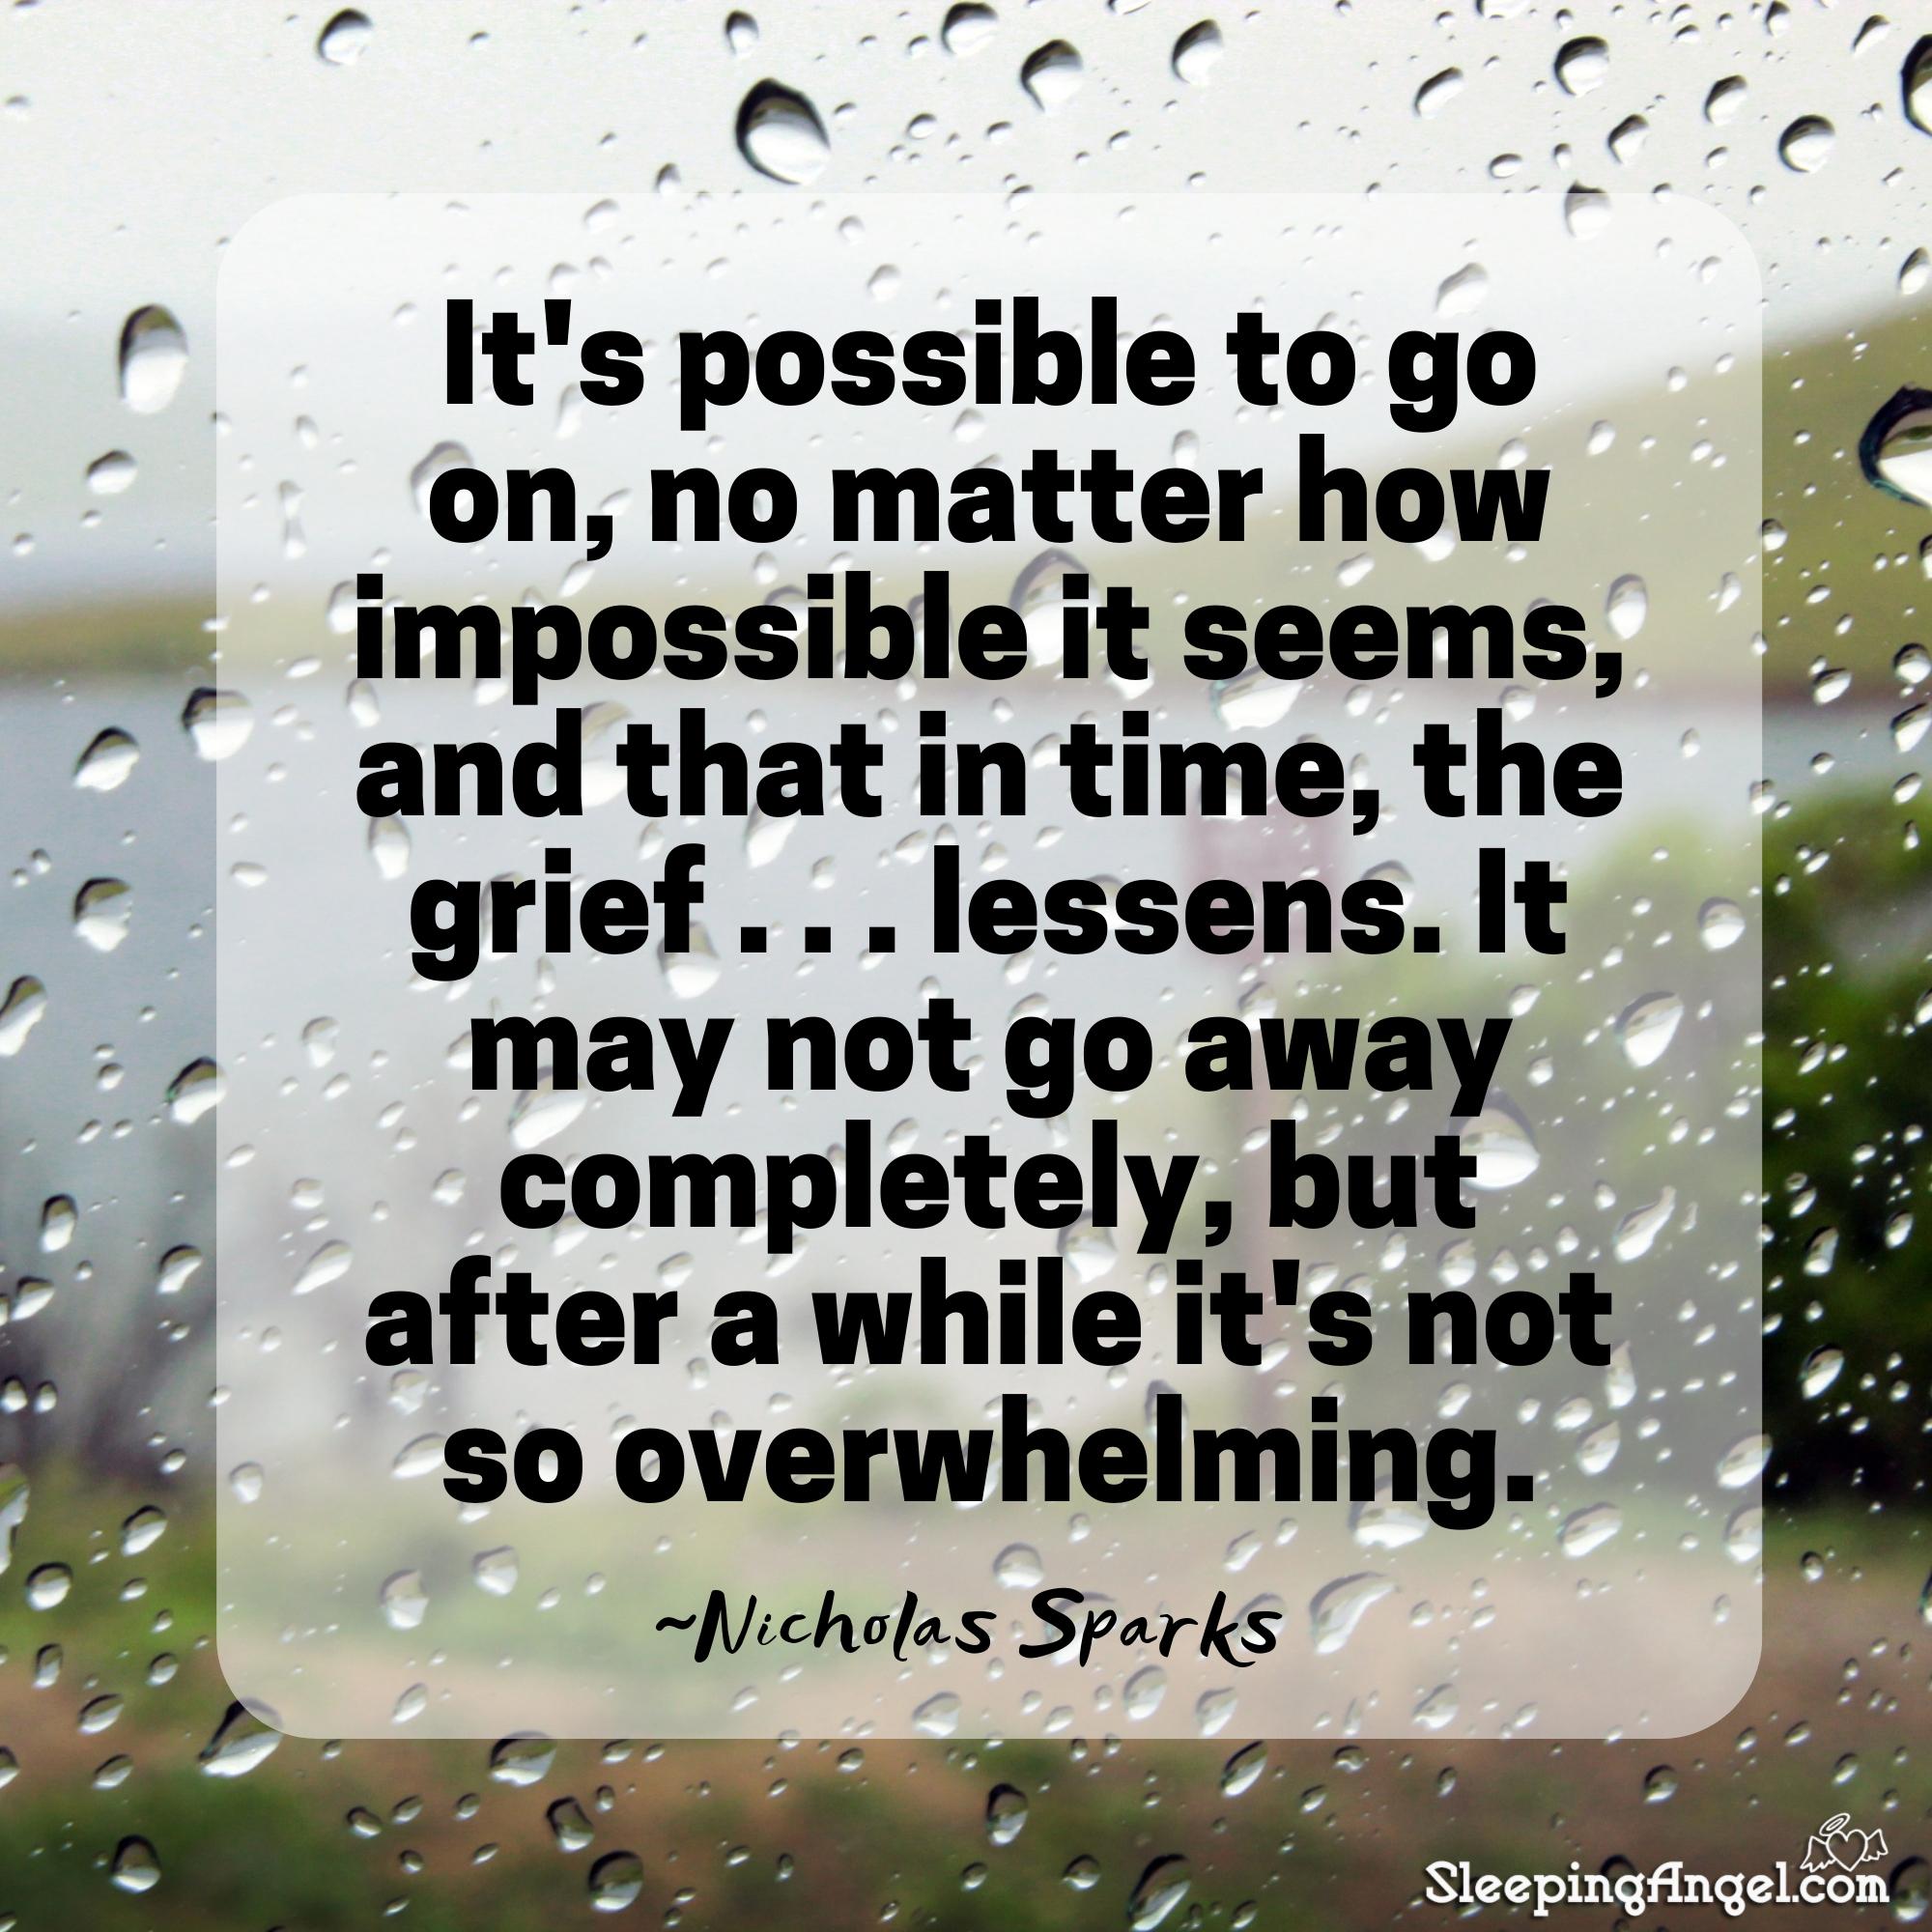 Nicholas Sparks Quote